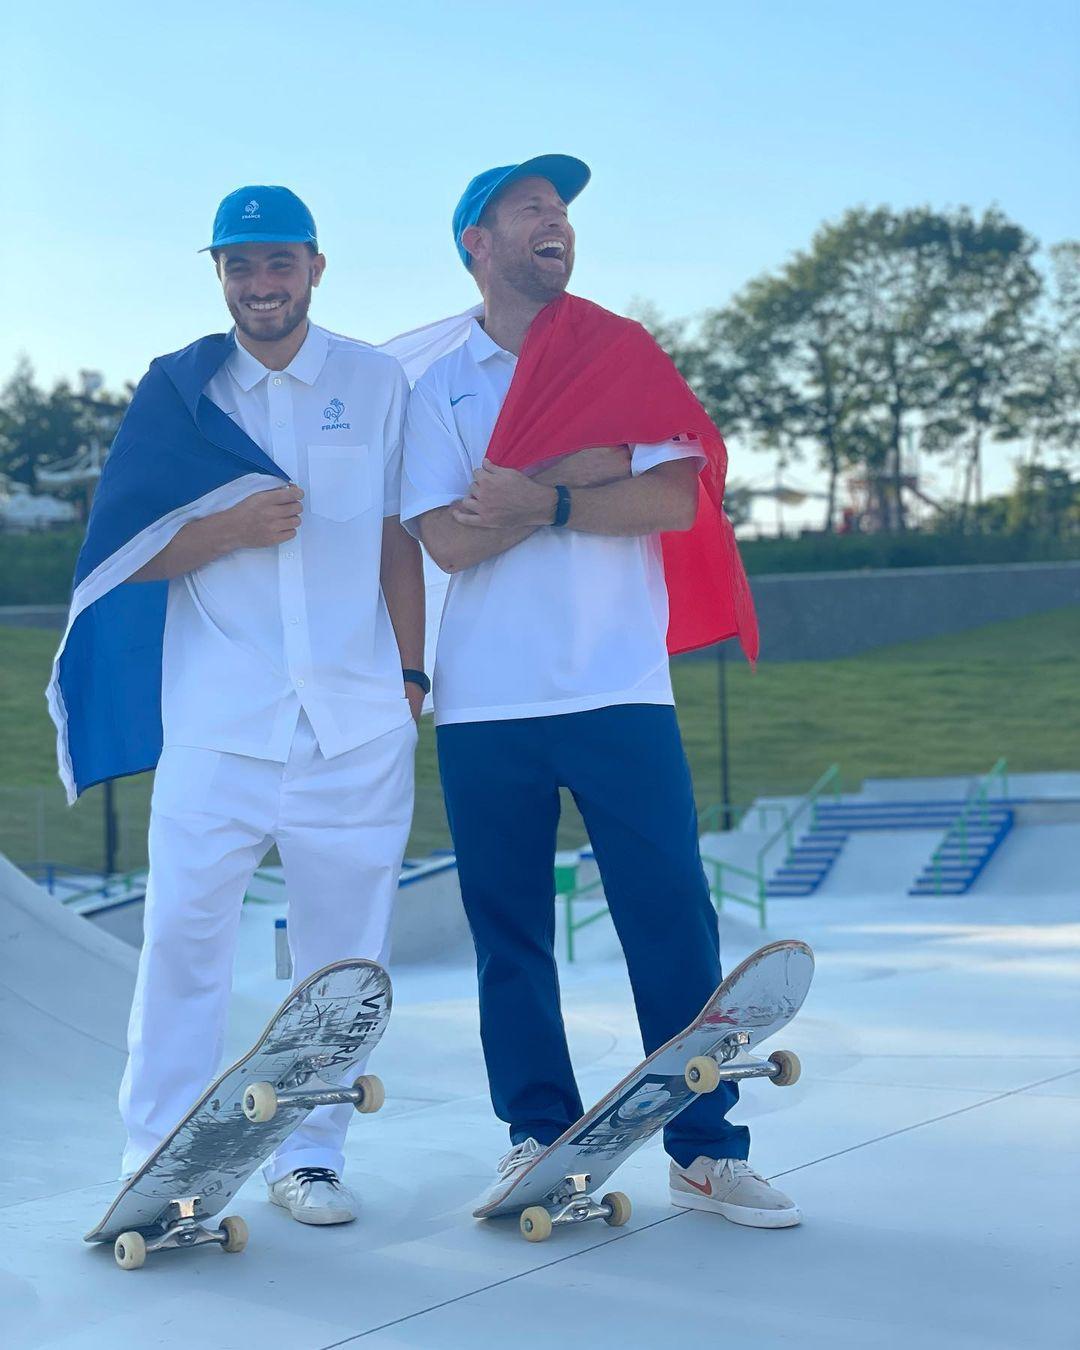 vincent milou skateboard skate jeux olympique tokyo 2020